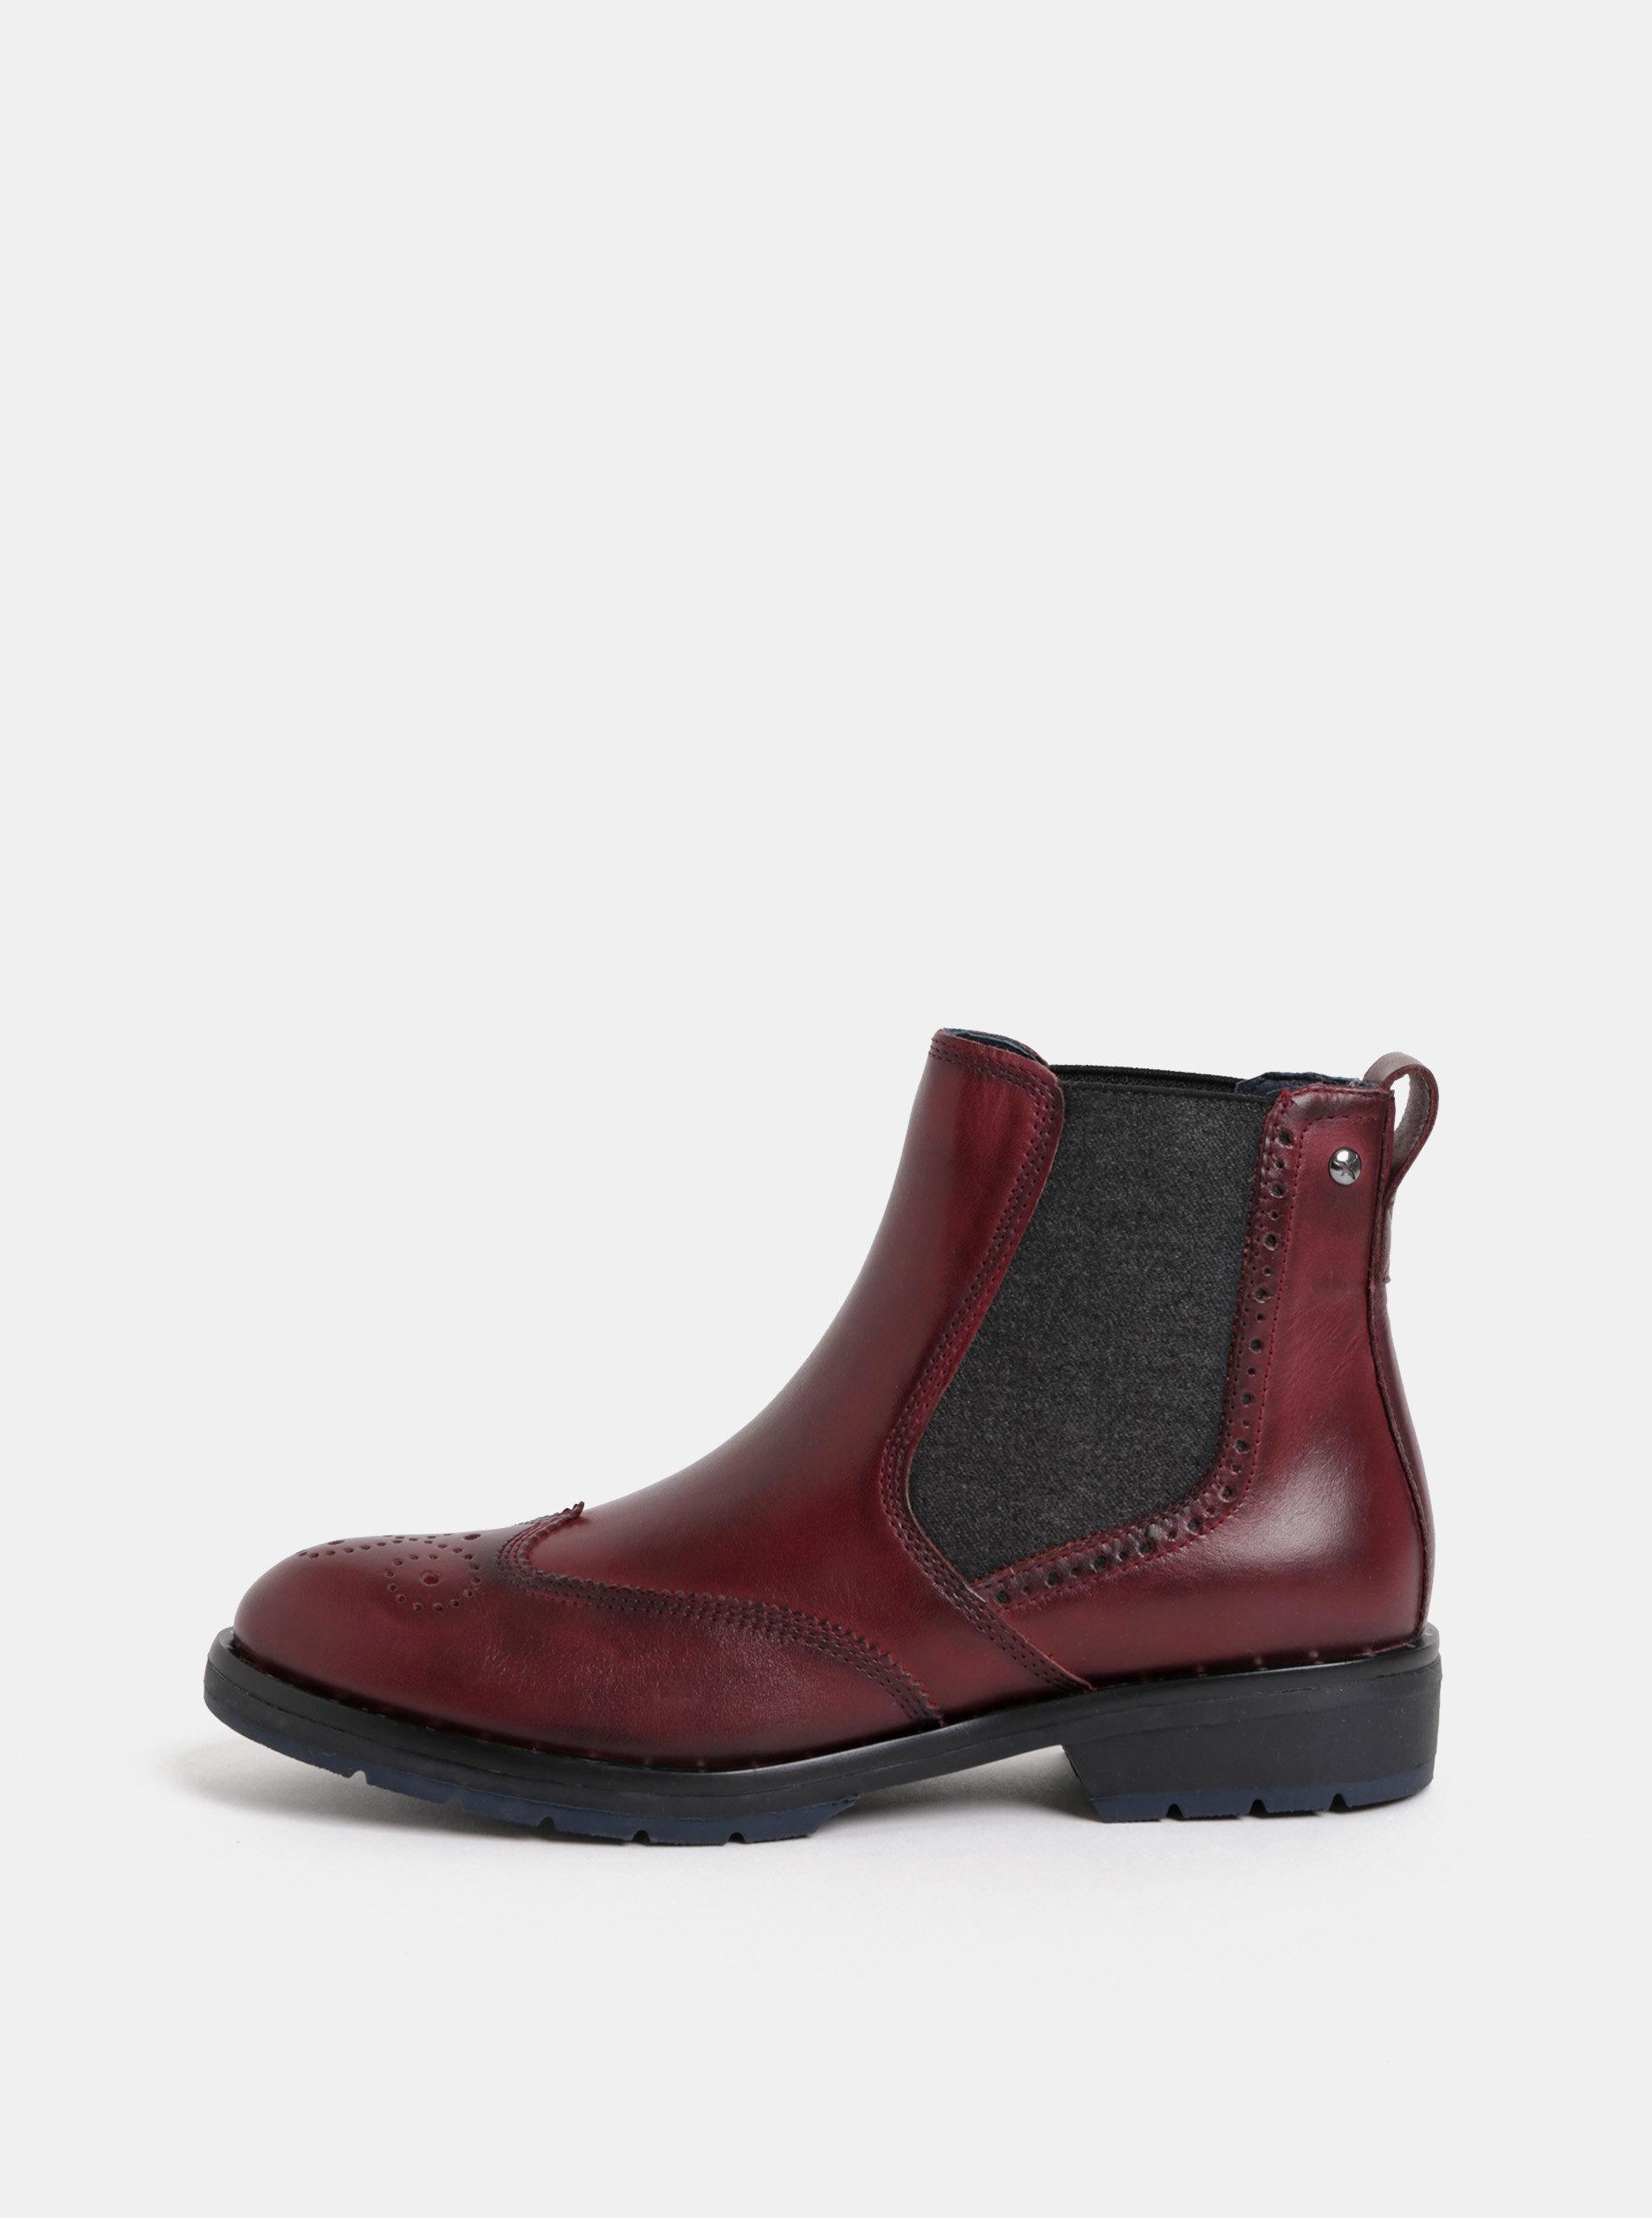 Vínové kožené chelsea boty  Pikolinos Garnet